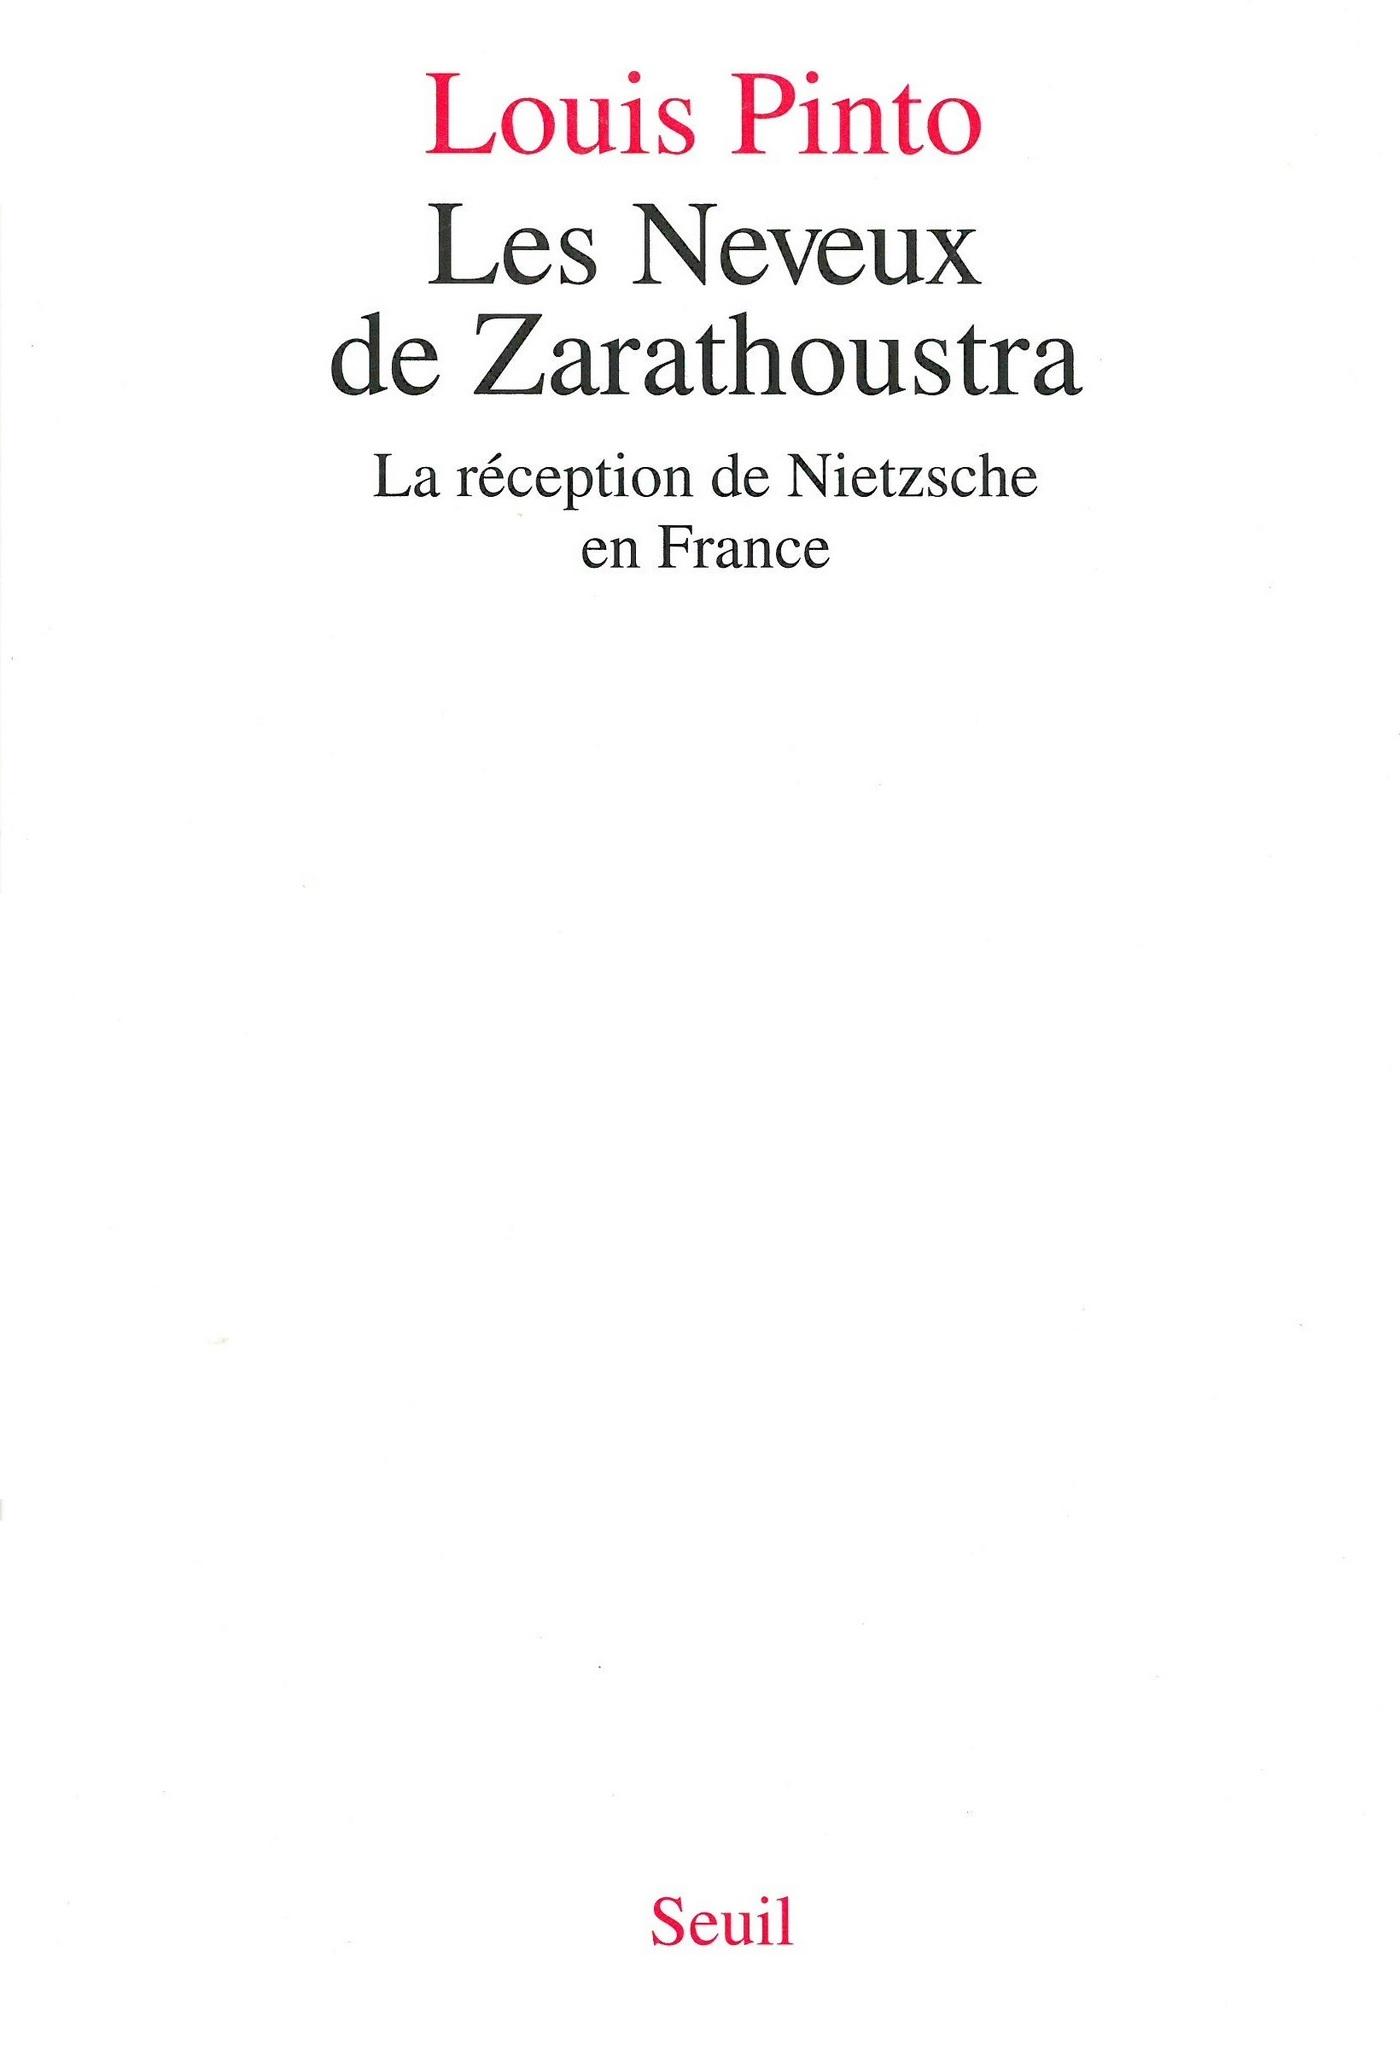 Les Neveux de Zarathoustra. La réception de Nietzsche en France